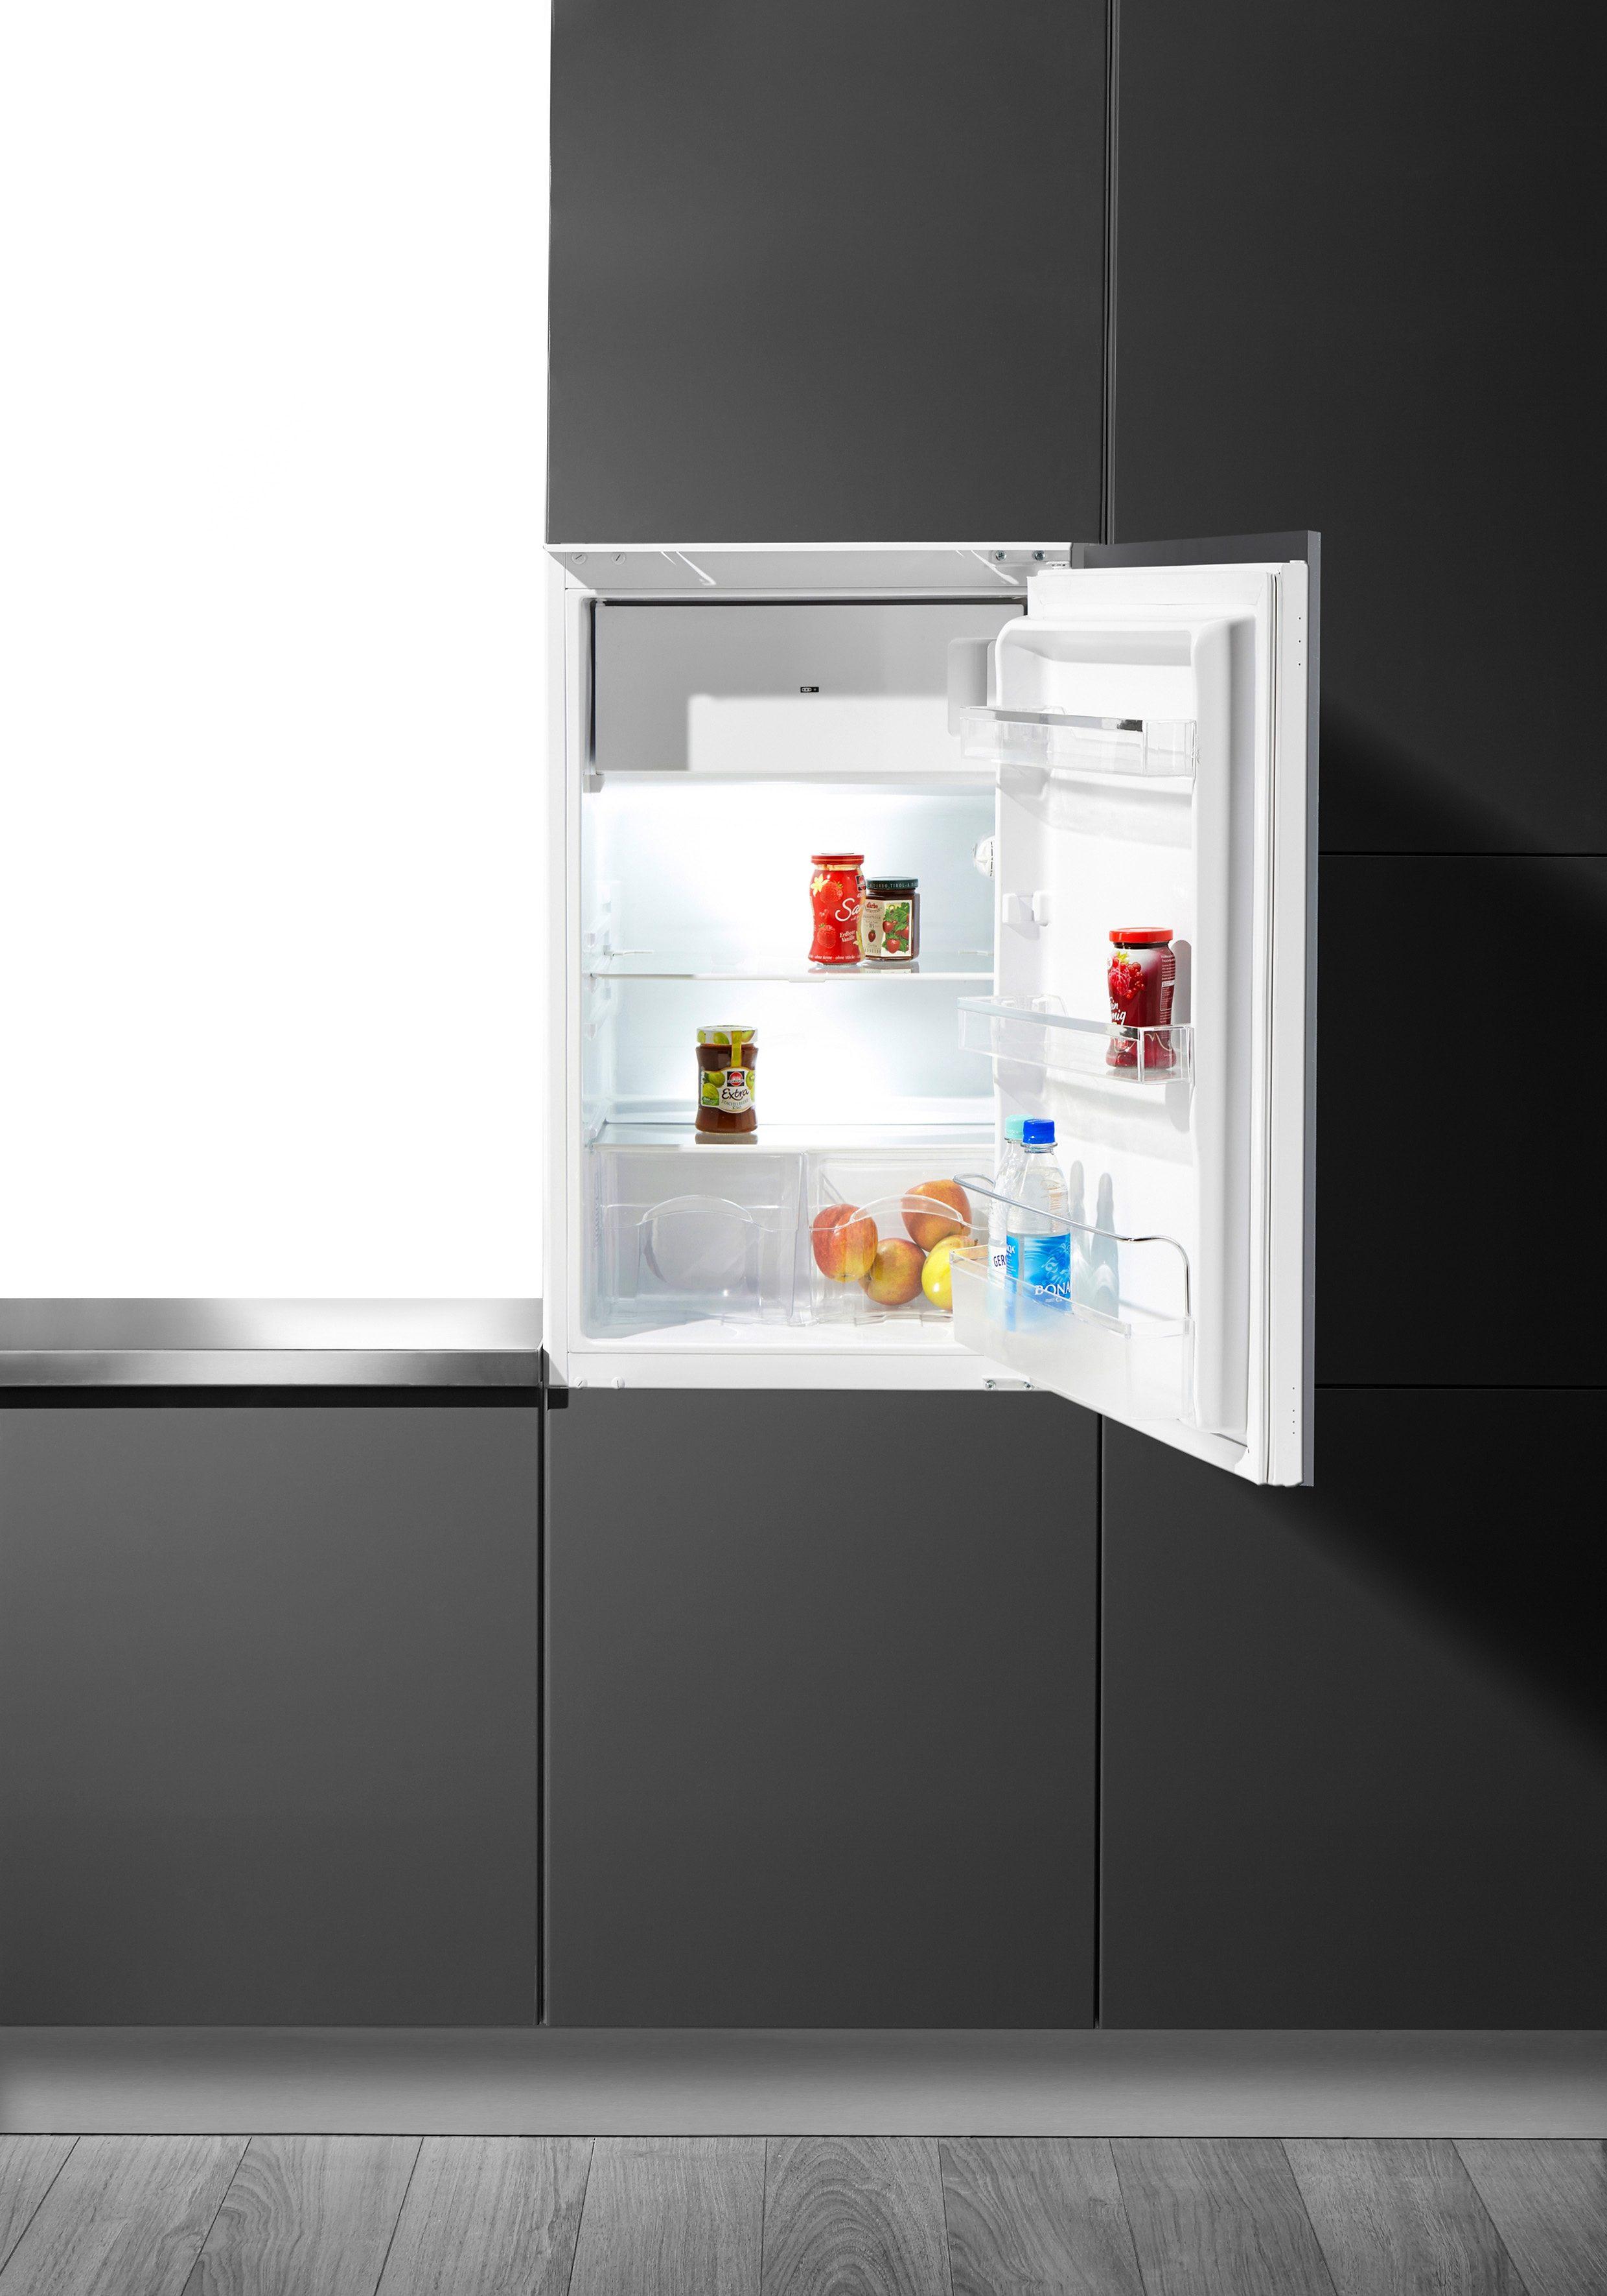 Hanseatic Einbaukühlschrank HEKS 8854GA1, A+, 88 cm hoch